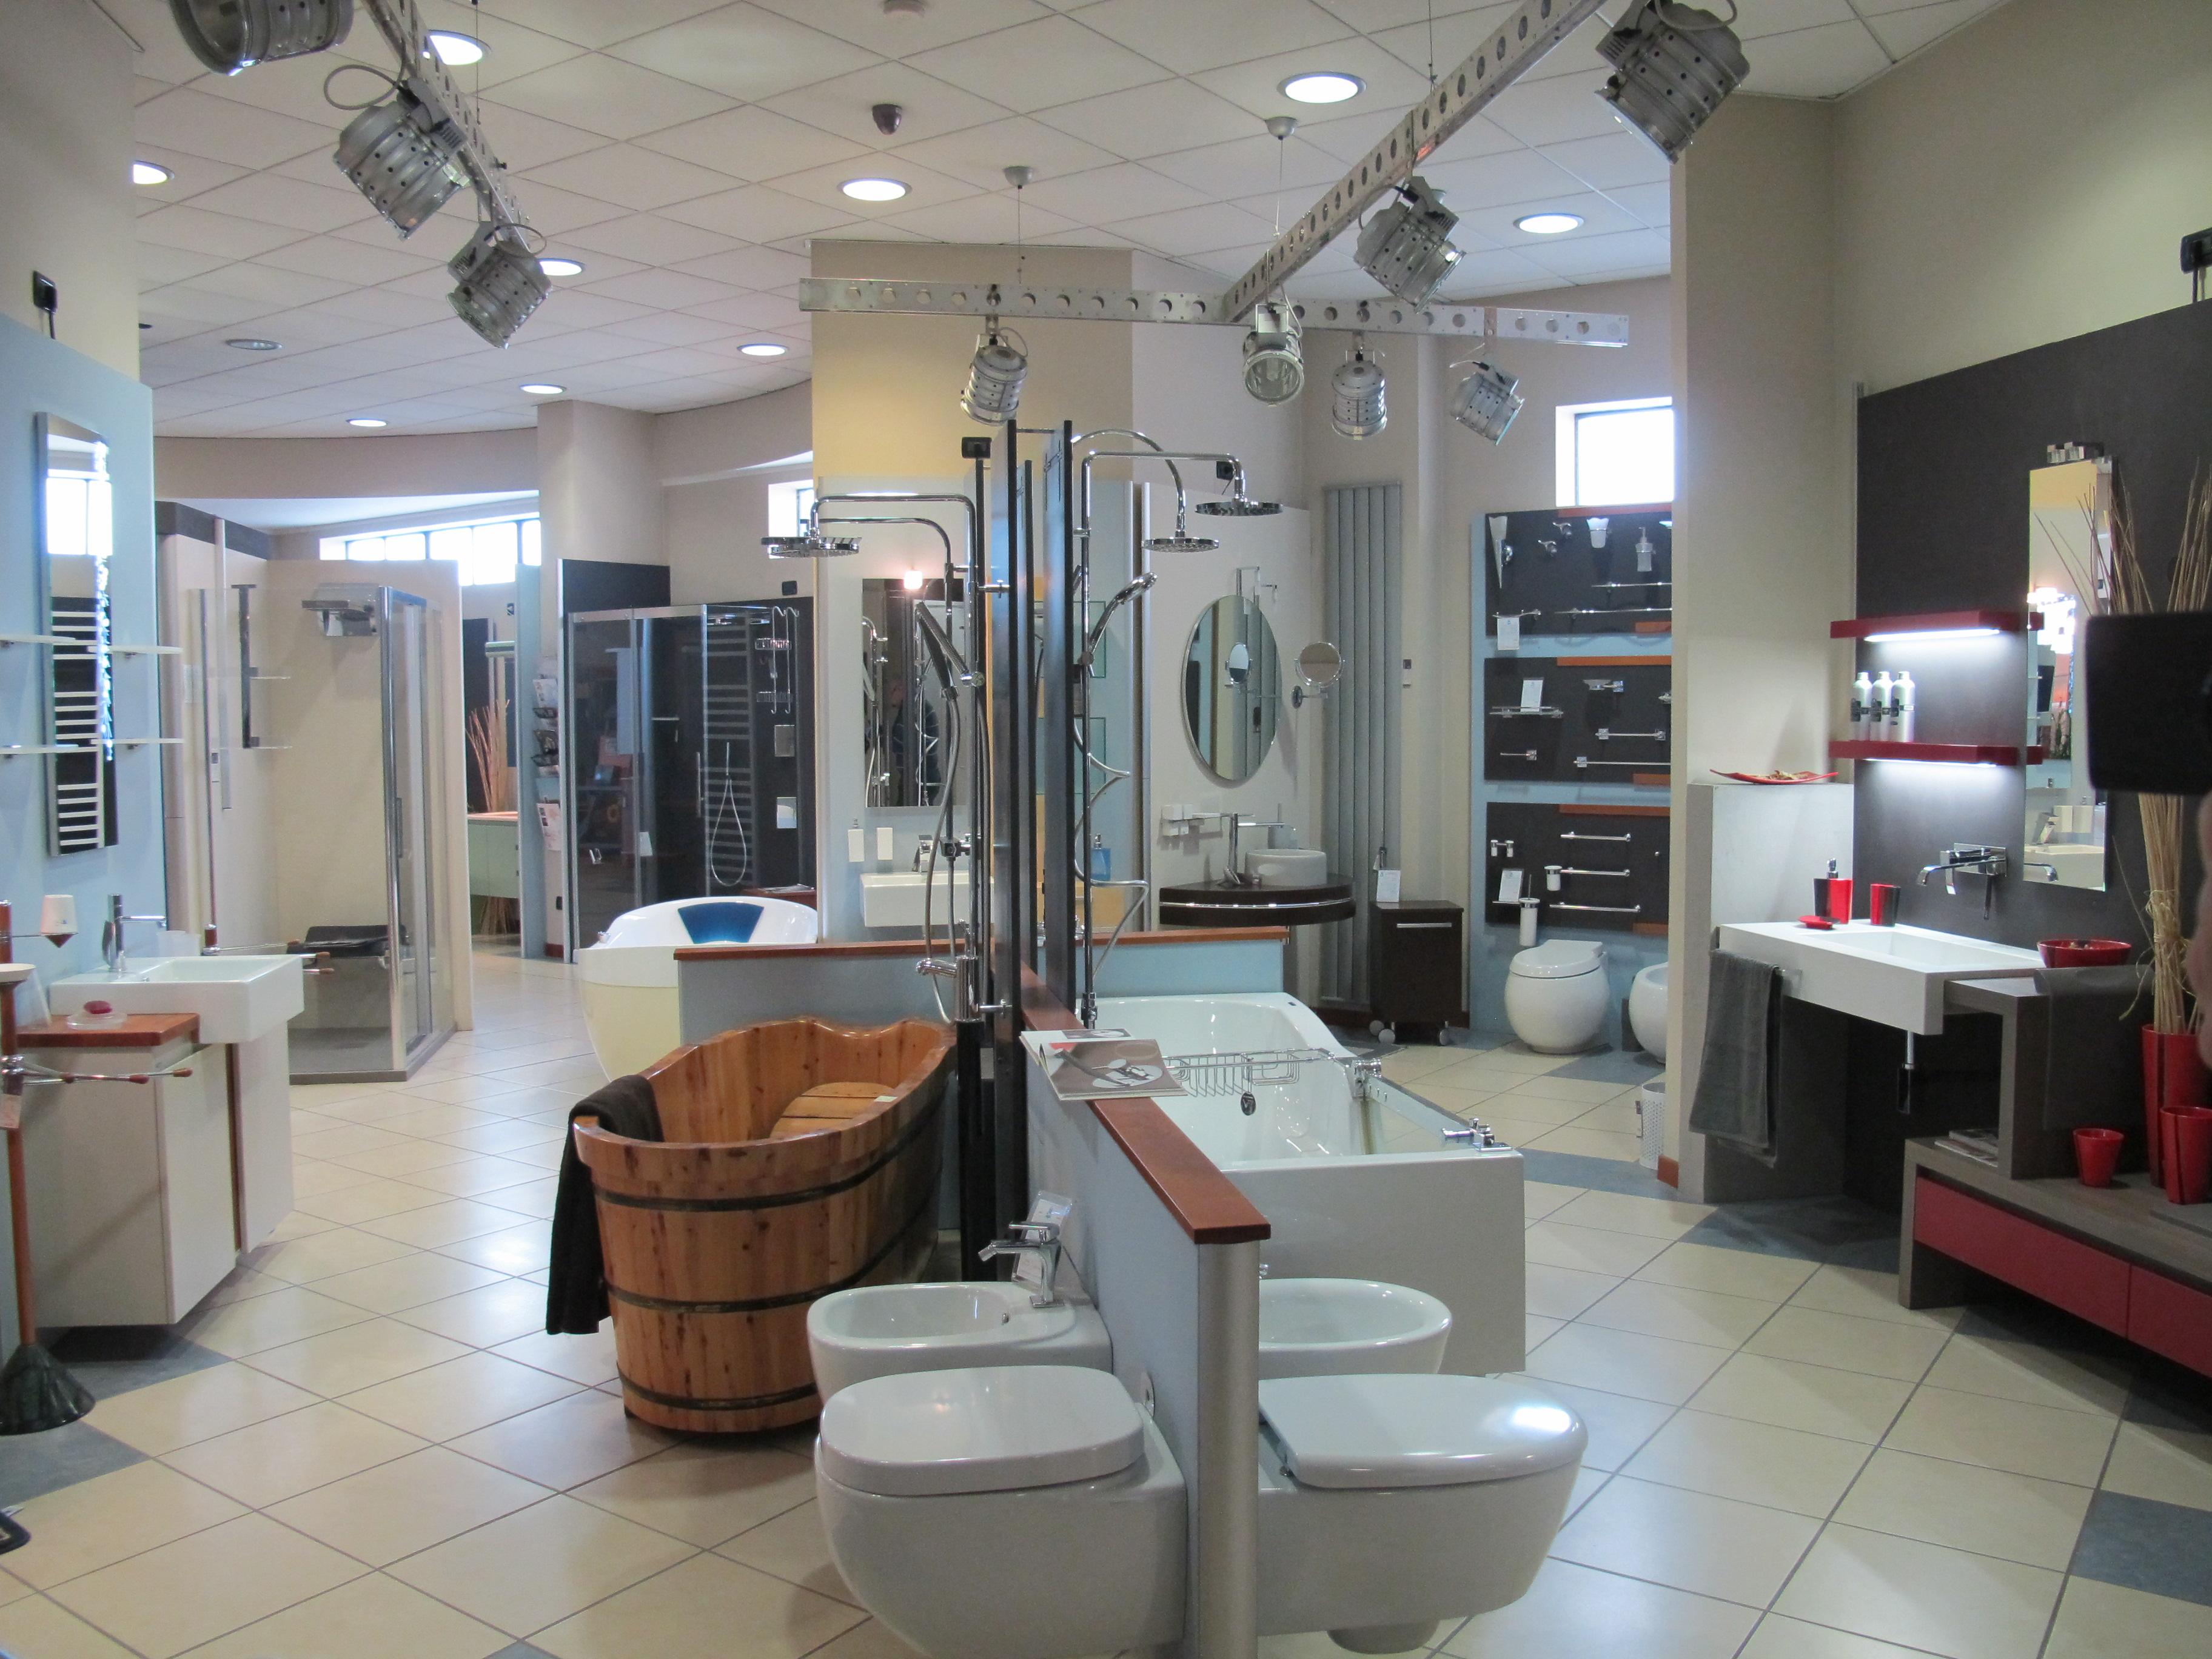 come scegliere le mattonelle del bagno - broil s.r.l. - Arredo Bagno Garbagnate Milanese